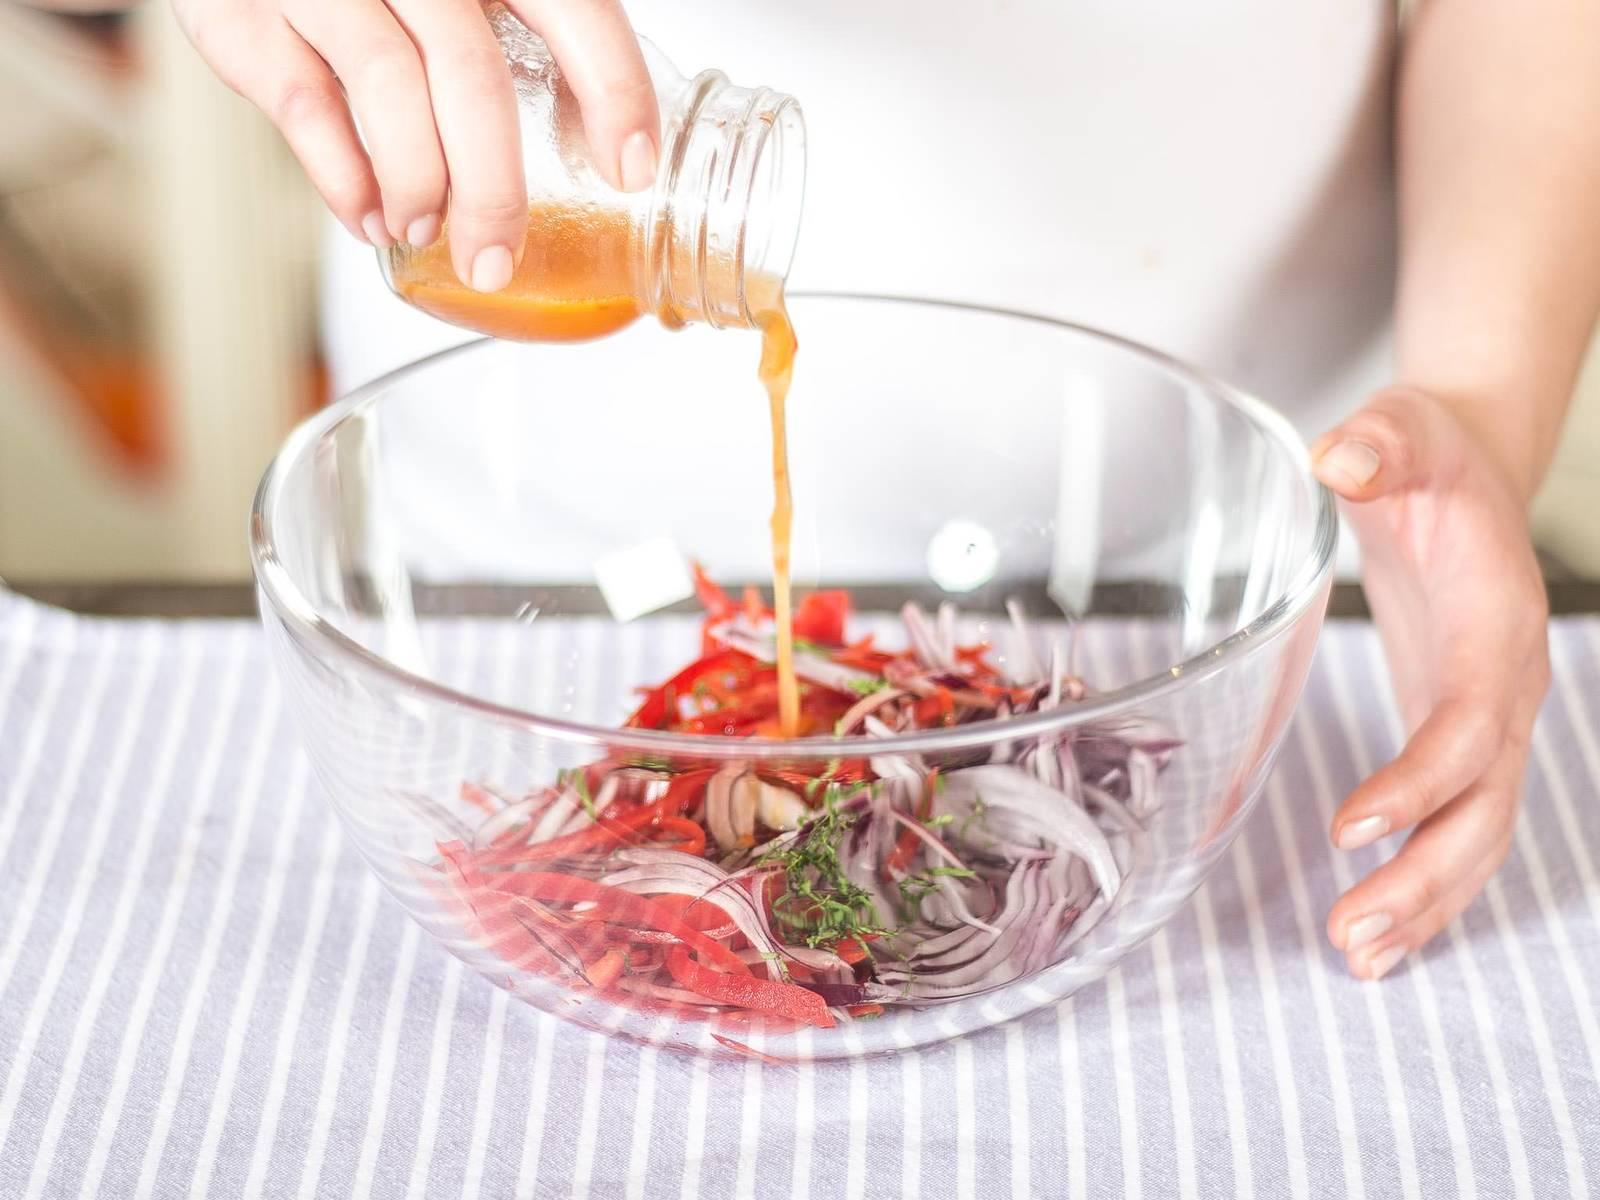 将鱼露,甜椒酱,酸橙汁与花生油一起搅拌均匀,然后浇在切好的蔬菜上。